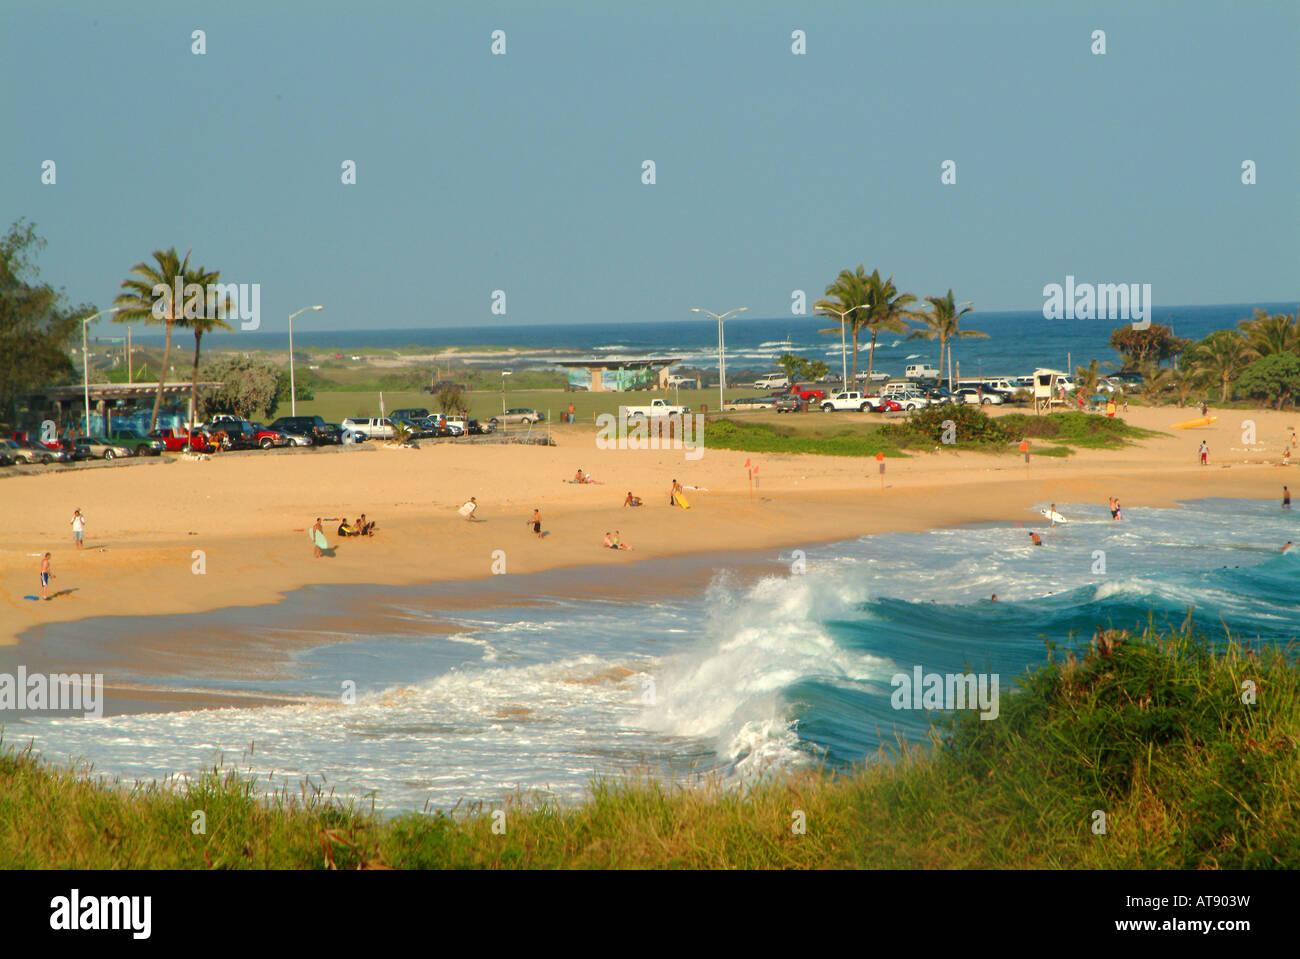 Spiaggia di sabbia, una famosa spiaggia bodysurf su Oahu orientale della costa Kaiwi Foto Stock